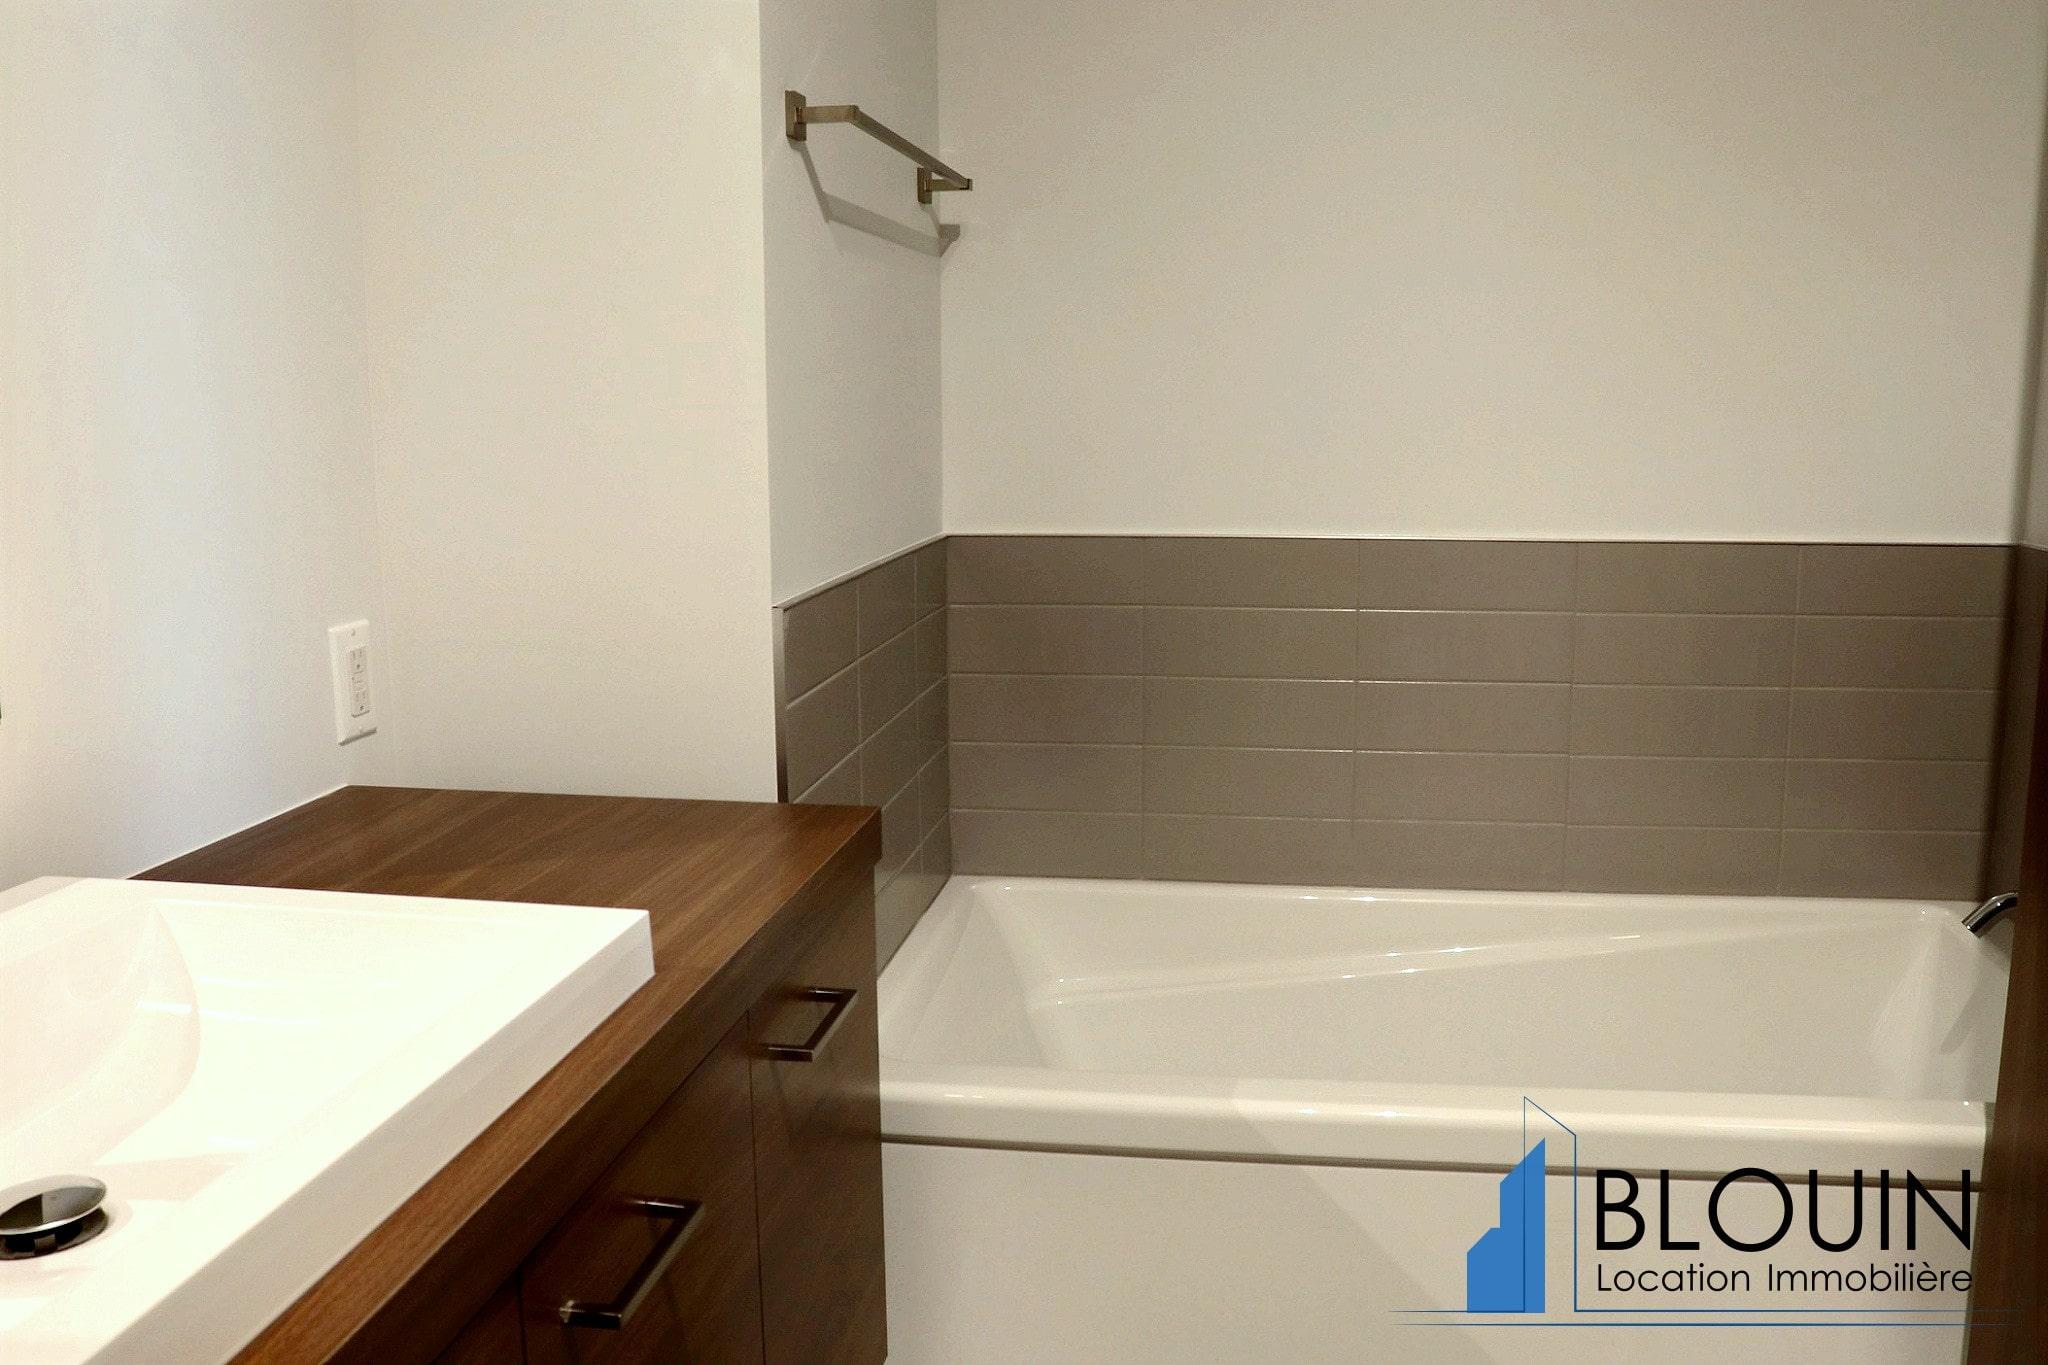 Photo 10 : 5 ½, Projet neuf Le Pivot, libre maintenant, eau chaude incluse & 2 stationnements